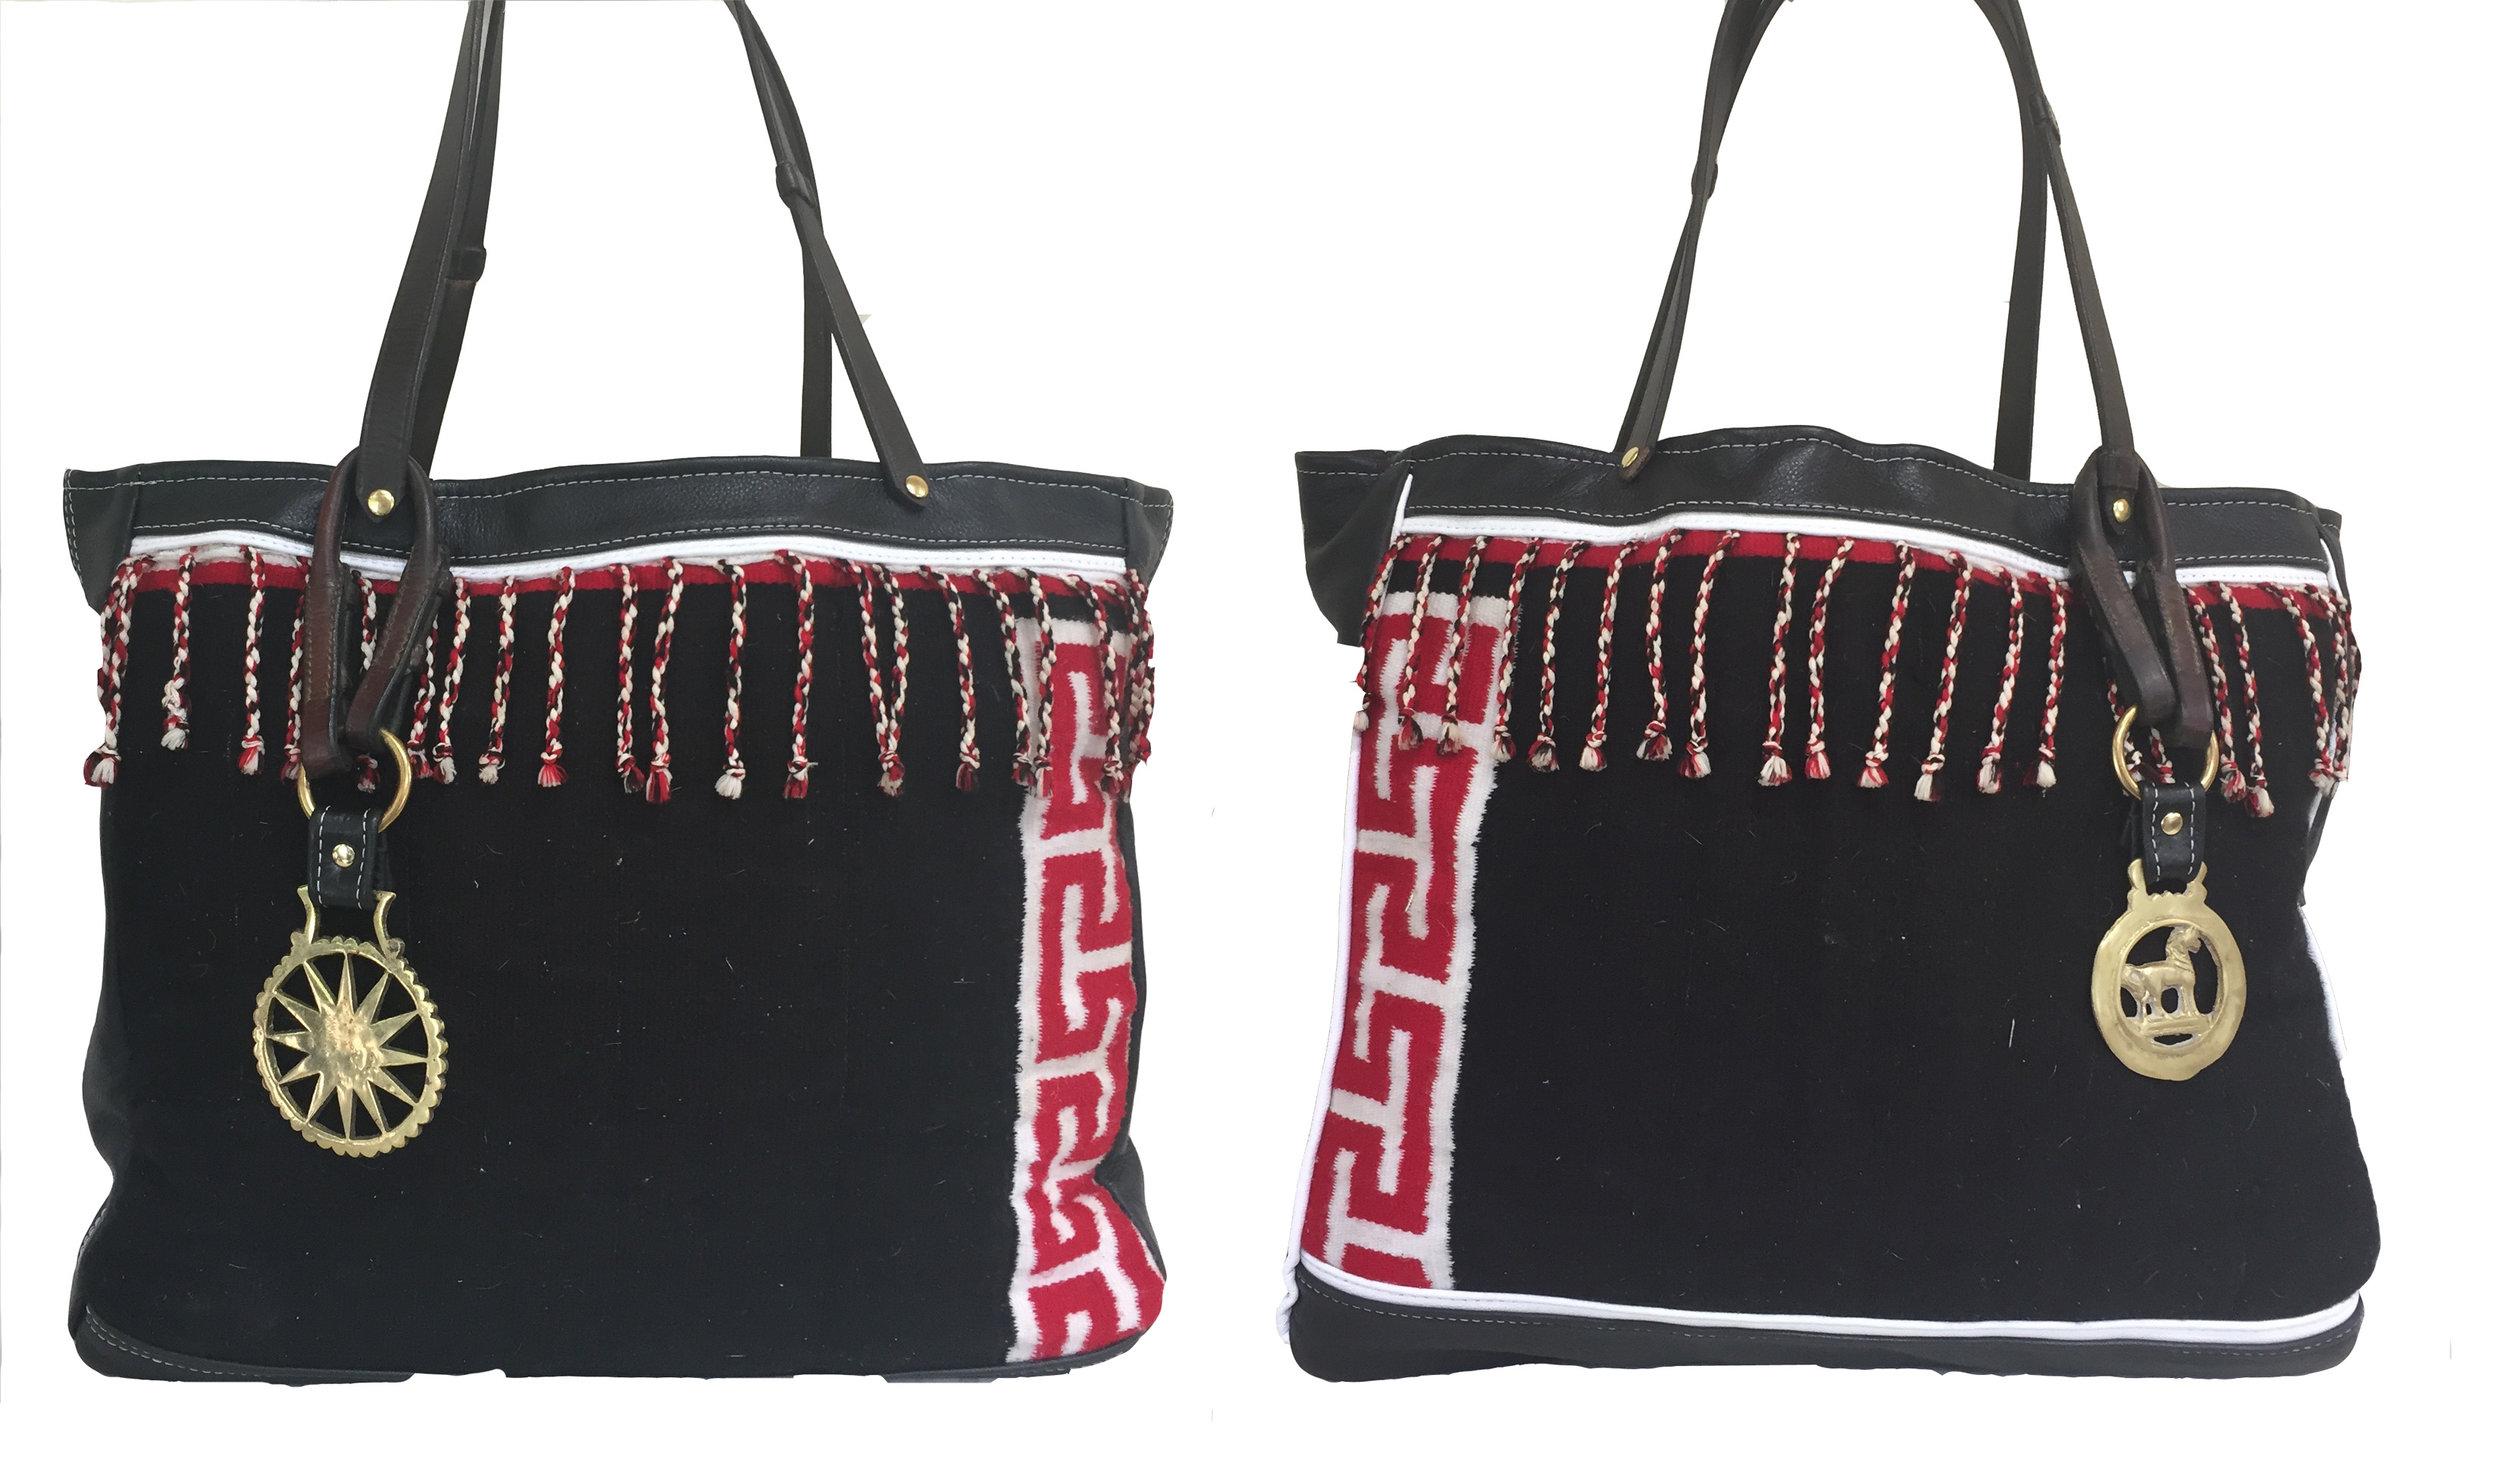 lizzie two bags.jpg